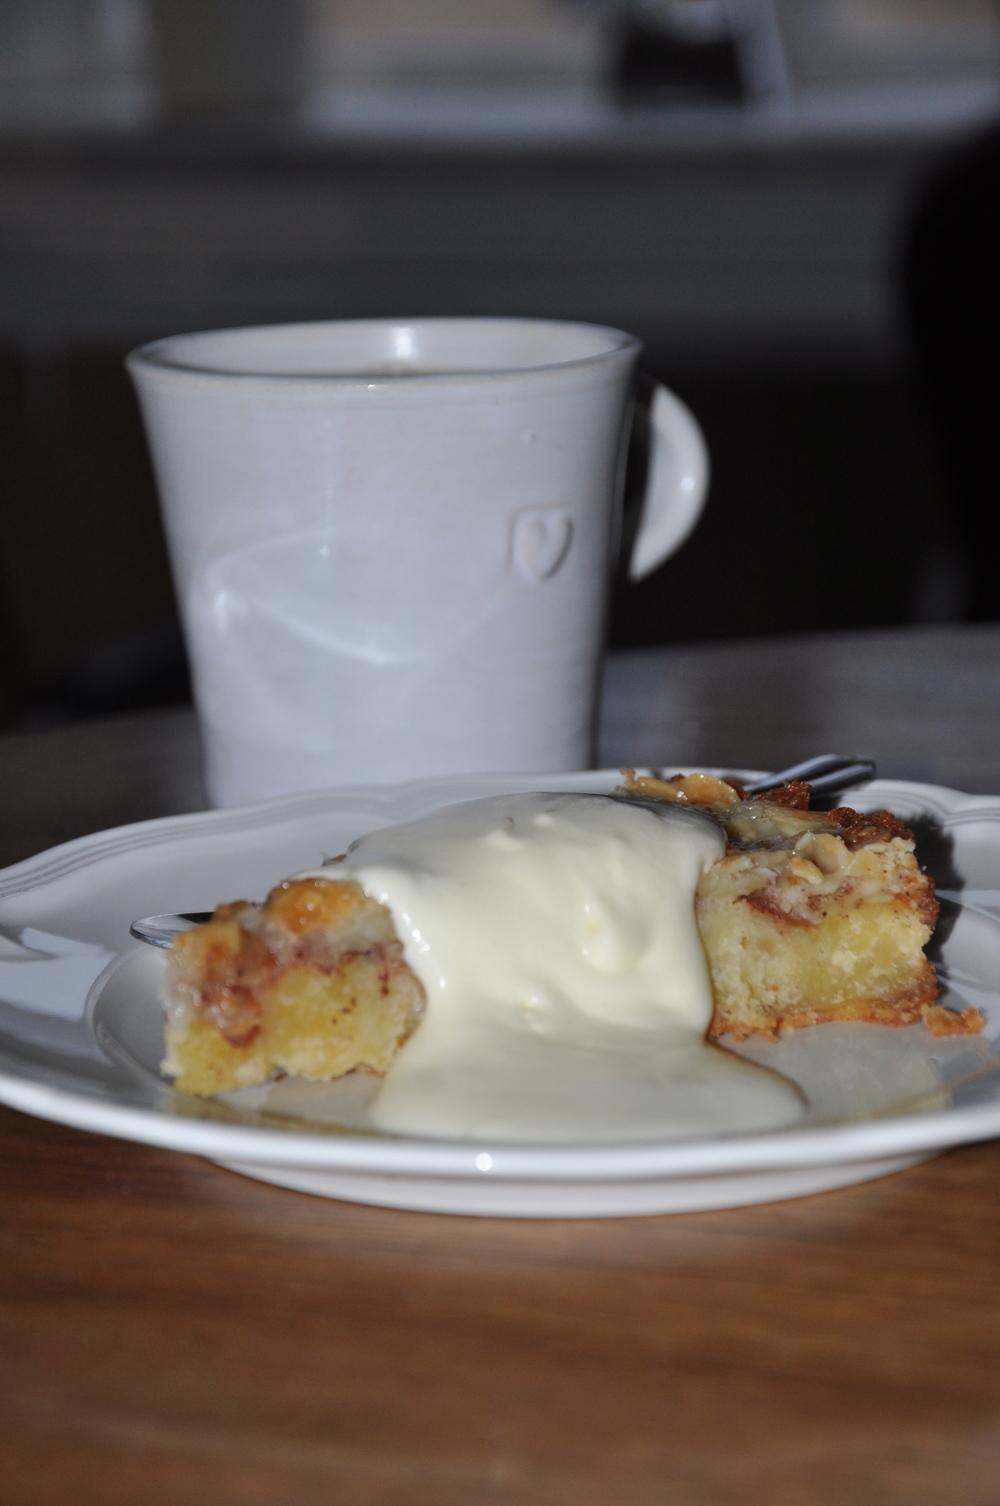 Foto:  Platsliv  Recept  Knäckig fransk mandelkaka    10-12 bitar  Mandelkaka  175 g sötmandel (2 3/4 dl) 120 g rumsvarmt smör 120 g florsocker (2 dl) 110 g ägg (2) 30 g äggula (2) 30 g vetemjöl (1/2 dl) 2 äpplen 15 g strösocker (1 msk) 5 g malen kanel (1 tsk)   Toscatäcke  100 g smör 95 g strösocker (1 dl) 20 g vetemjöl (2 msk) 20 g mjölk (2 msk) 100 g flisad eller flagad mandel (2 dl)   Gör så här:  Sätt ugnen på 180 grader. Spänn fast ett bakplåtspapper i botten på en springform, 24 cm i diameter. Smöra och bröa formens kanter. Mixa mandlarna fint i en matberedare eller använd mandelkvarn.   Vispa samman smör och florsocker i en bunke. Vispa ner ett ägg i taget och därefter äggulorna. Tillsätt mandel och mjöl och blanda till en slät smet. Fördela smeten jämt i formen.  Kärna ur äpplena och skär dem i tunna skivor. Lägg skivorna ovanpå smeten, strö över socker och kanel och grädda mitt i ugnen i ca 30 minuter. Känn efter med en sticka om kakan är färdiggräddad. Börja med toscatäcket när det återstår ca 10 minuter av kakans gräddningstid.  Toscatäcke: Blanda smör, socker, mjöl och mjölk i en kastrull och låt det smälta under omrörning. Blanda ner mandeln.   Höj ugnstemperaturen till 210 grader. Täck försiktigt den nygräddade kakan med toscasmeten och grädda i ytterligare 15 minuter, eller tills toscan har fått en gyllenbrun färg. Låt kakan svalna och servera den med vaniljvisp.